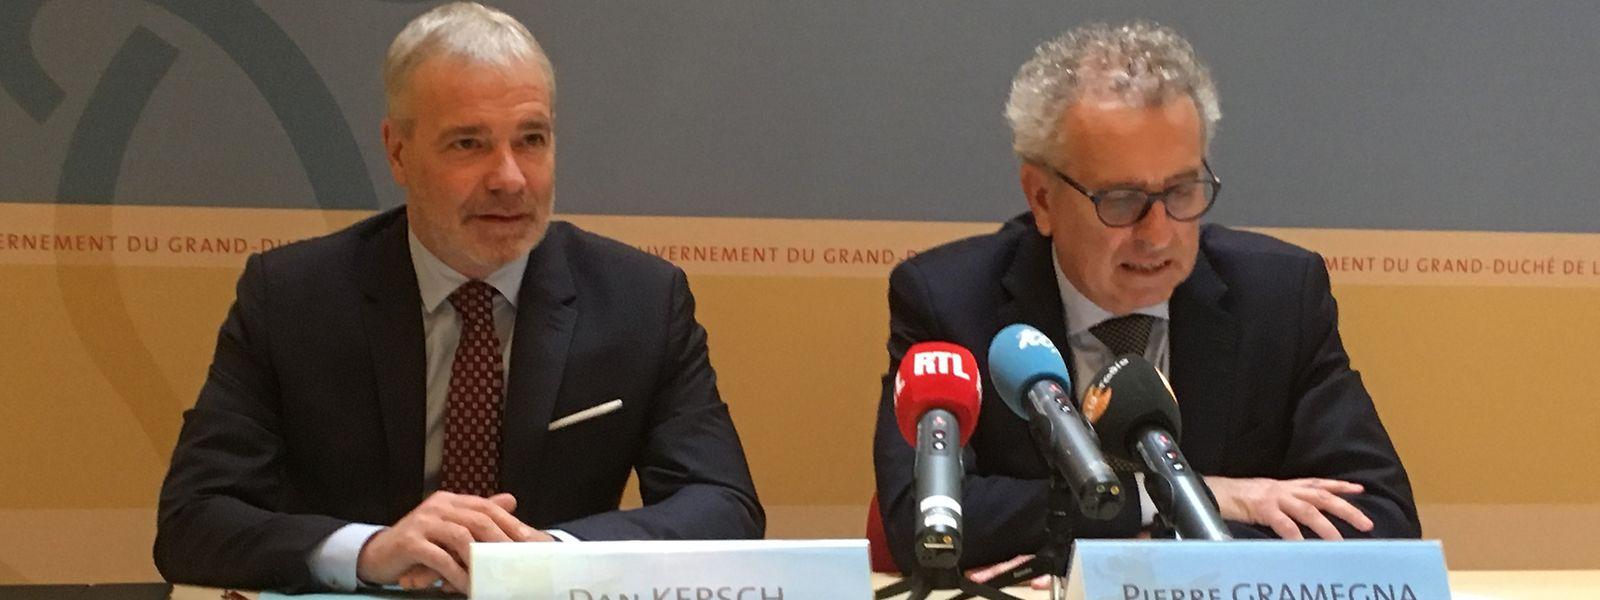 Beschäftigungsminister Dan Kersch (l.) und Finanzminister Pierre Gramegna (r.) erklären, wie es zu der Anhebung des Mindestlohns um 100 Euro netto kommt.